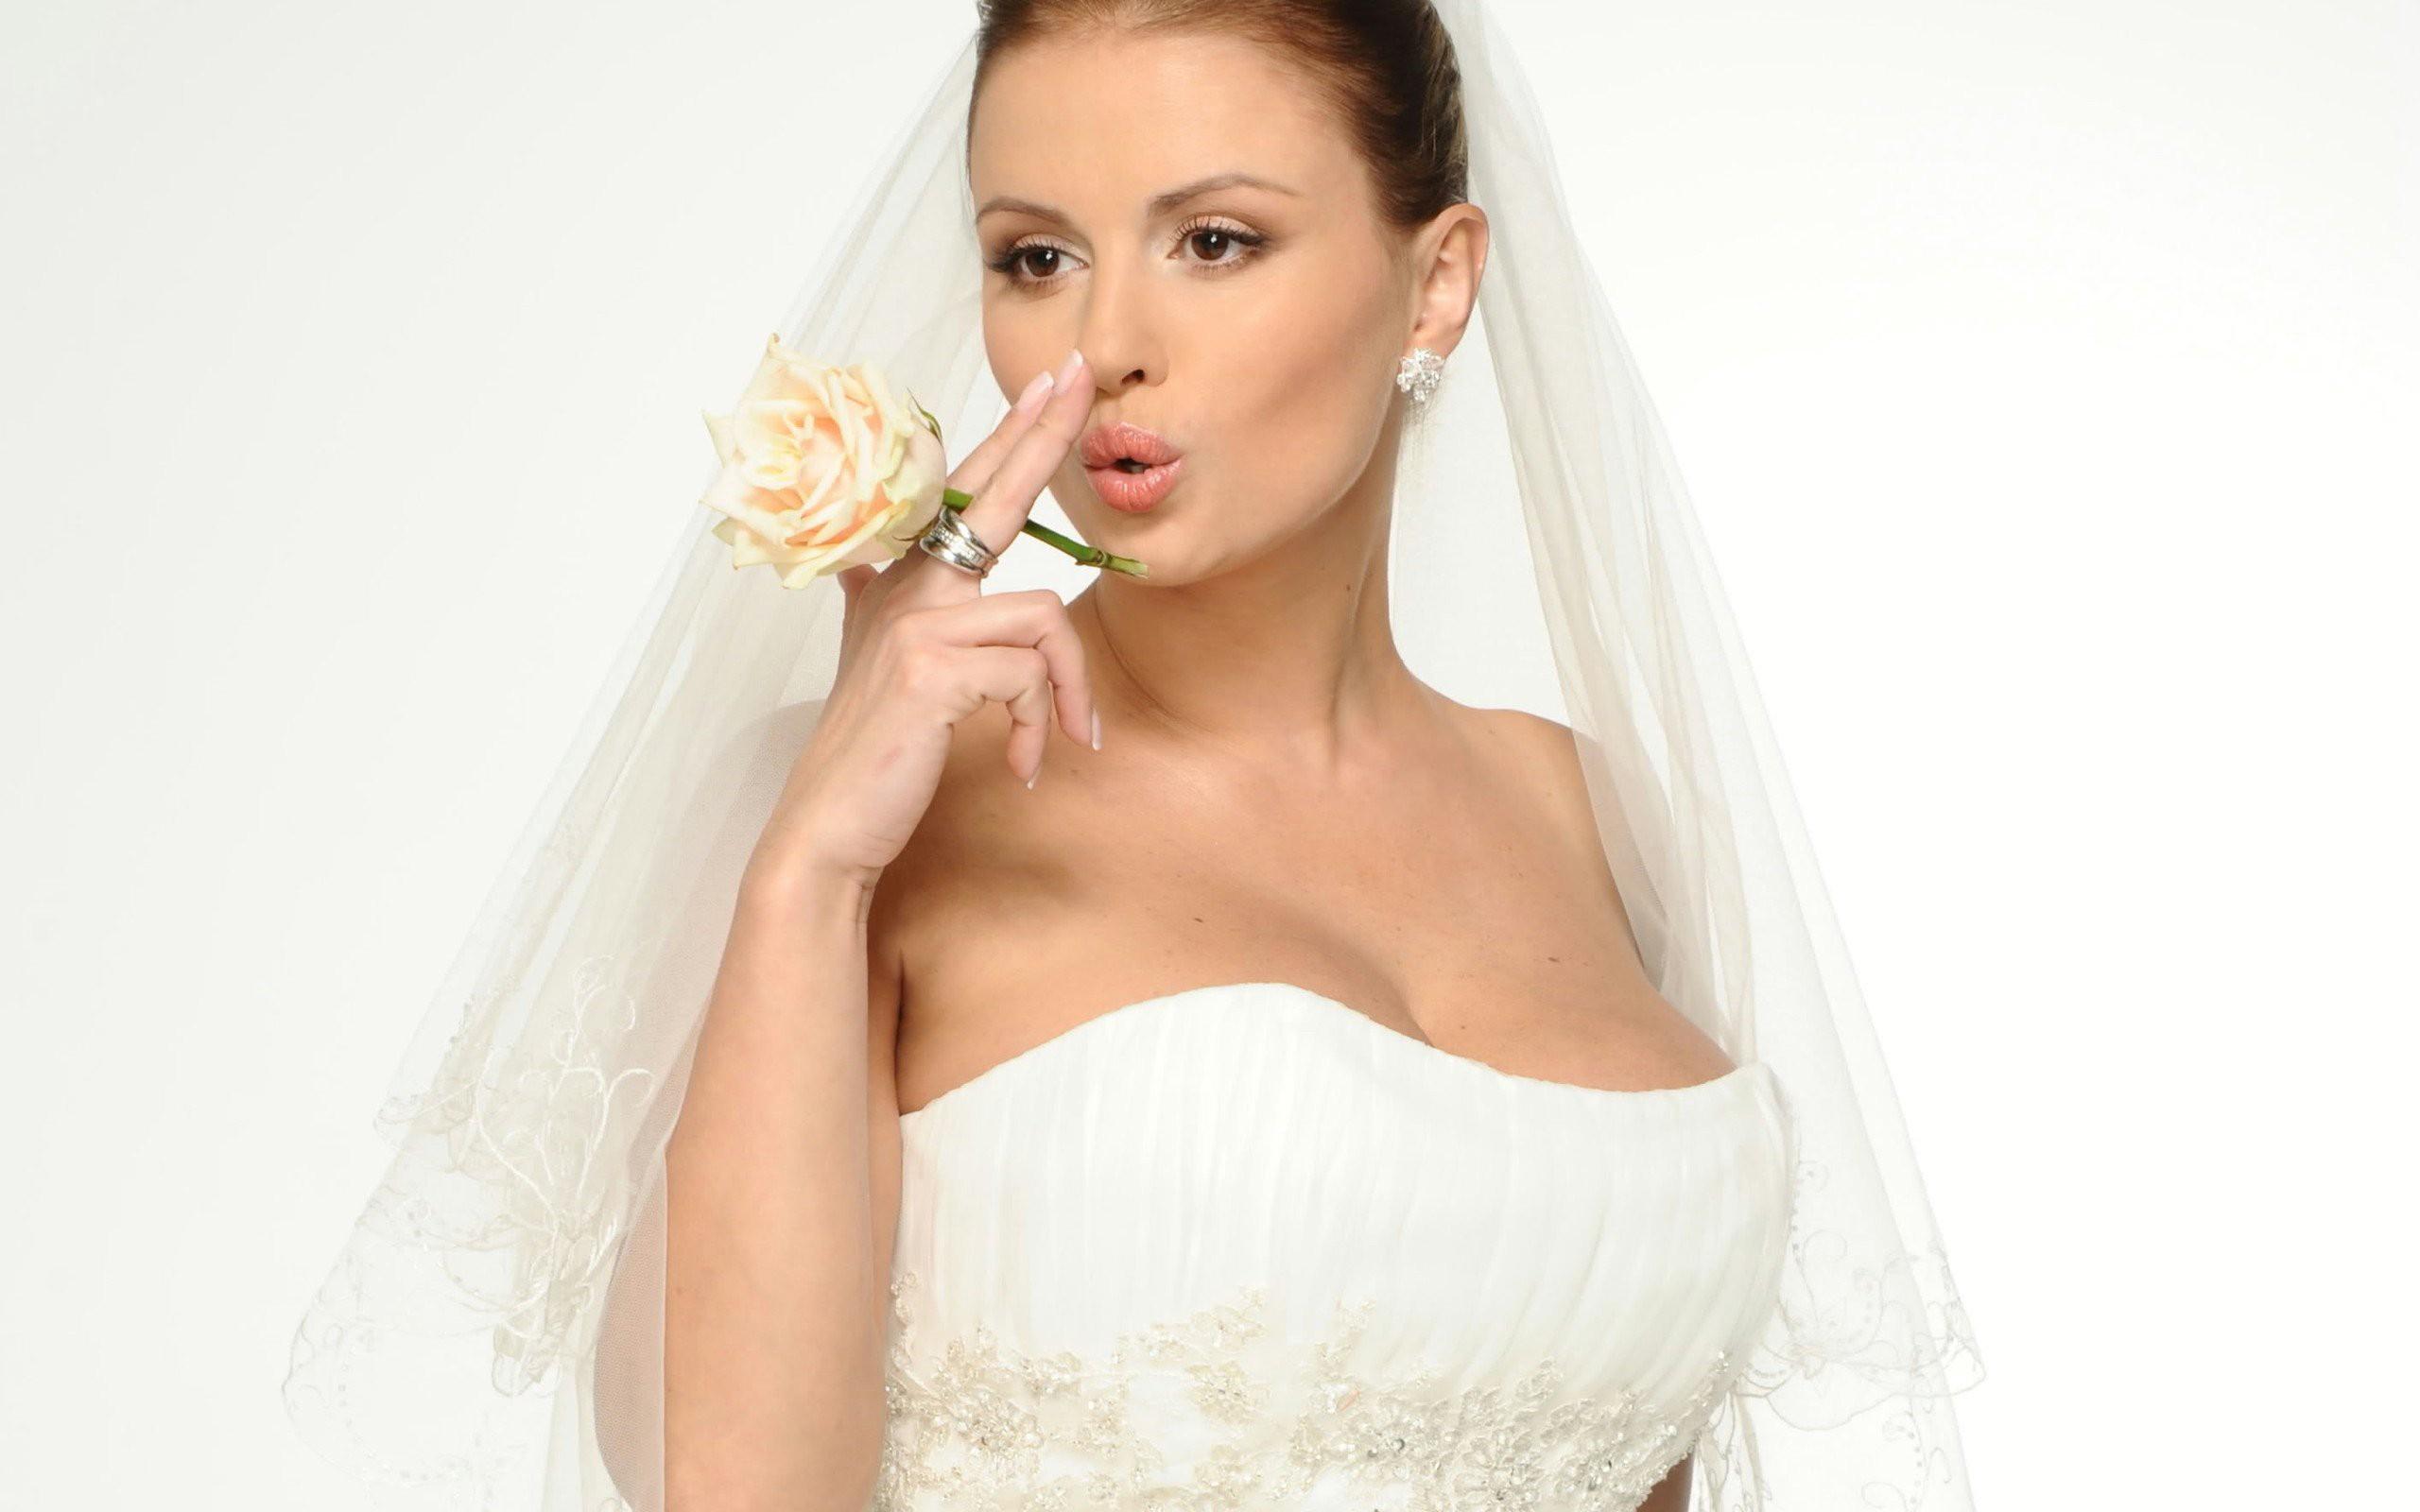 Diseño de vestido de novia - 2560x1600